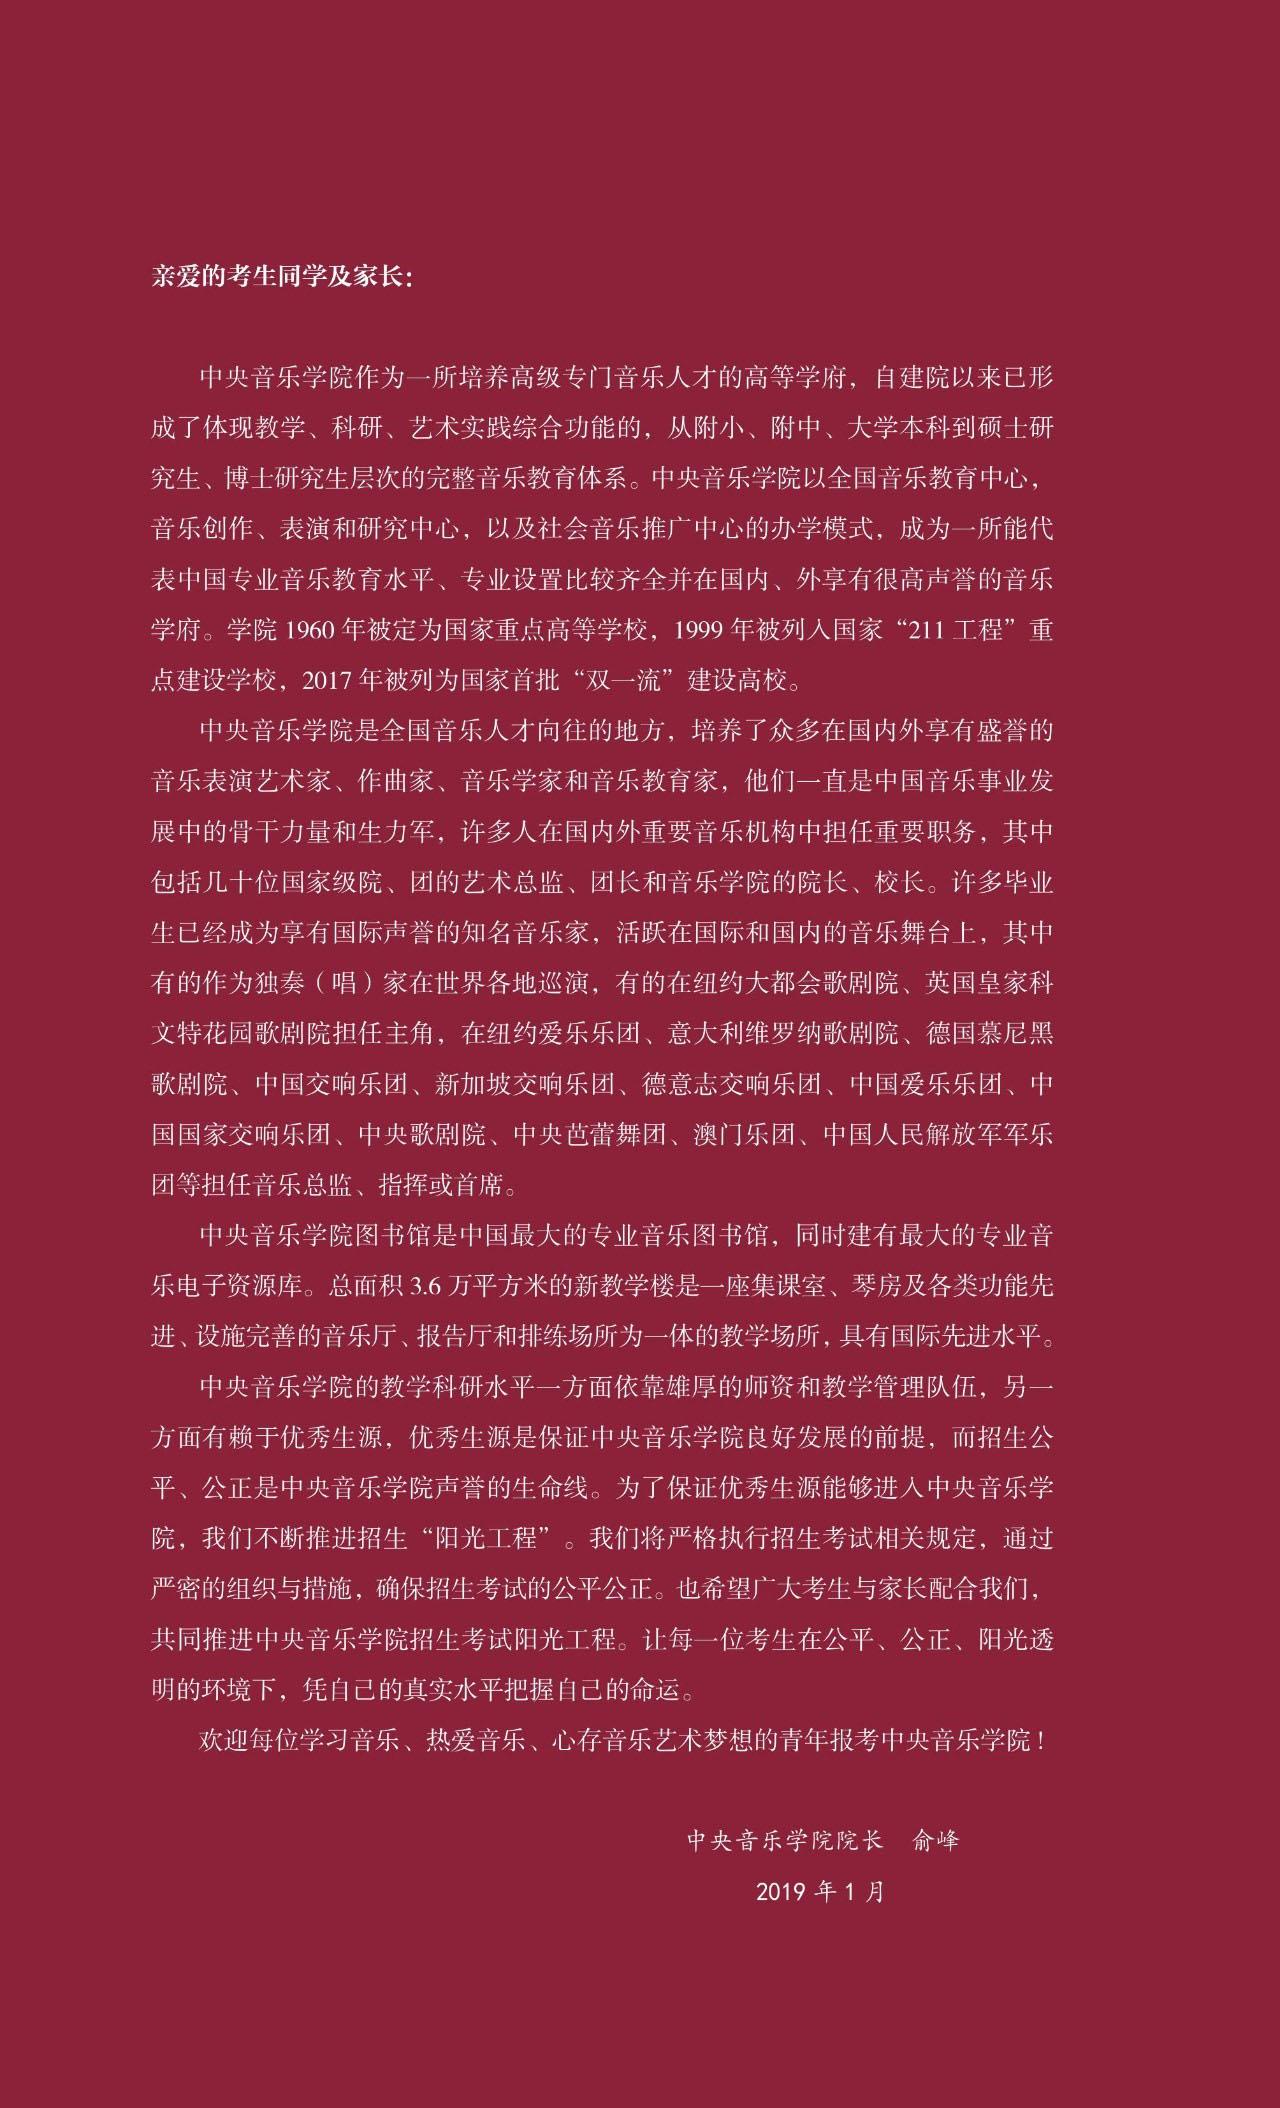 2019年中央音乐学院本科招生简章完整版分享!网上报名地址:zhaoban.ccom.edu.cn